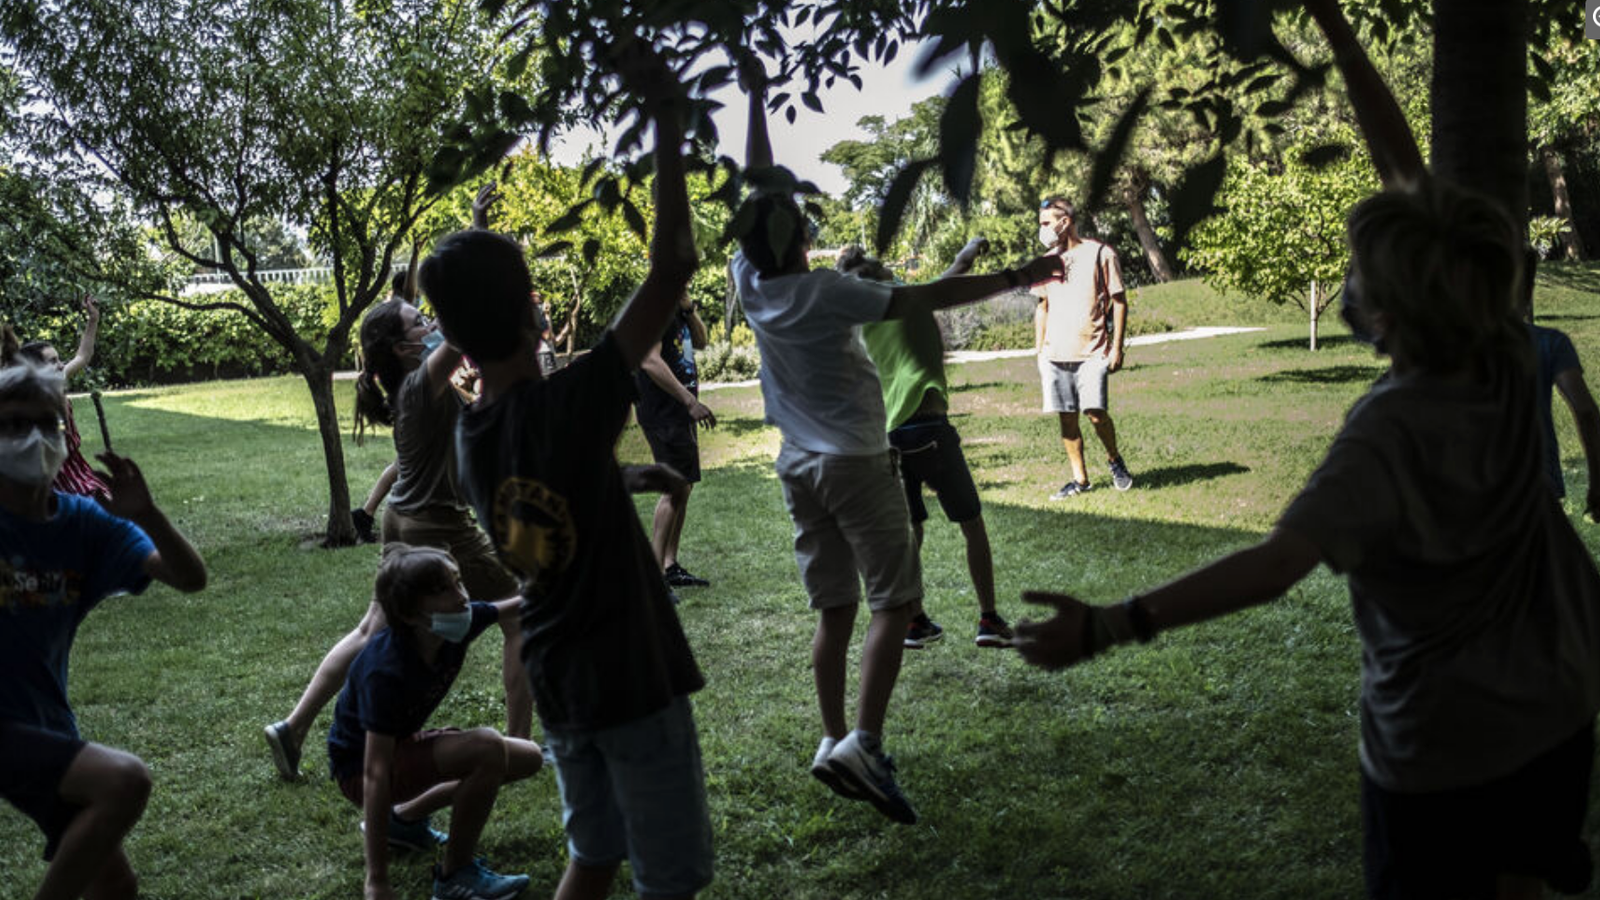 Activitats  amb infants a un camp d'estiu